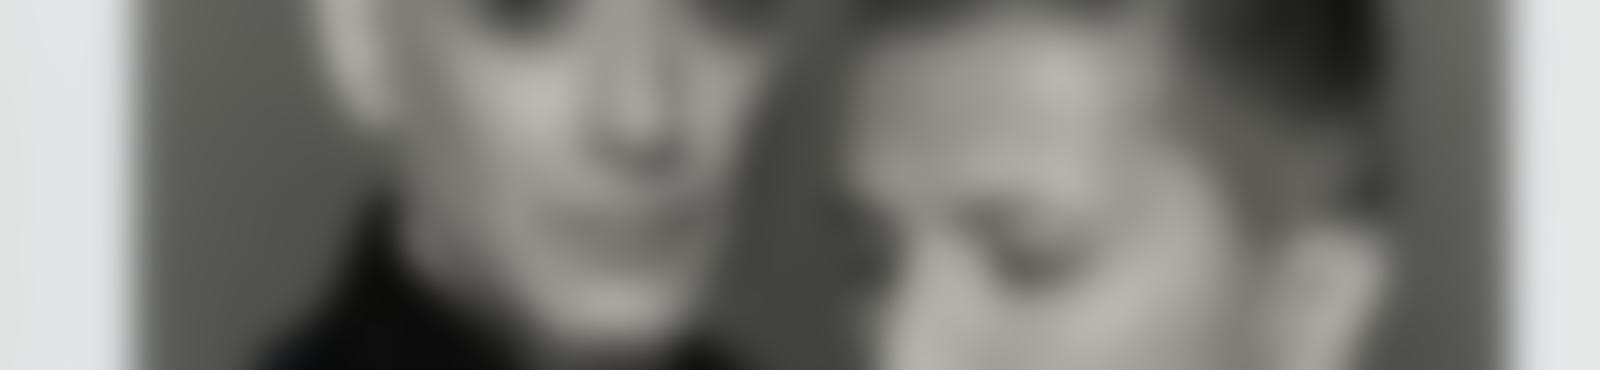 Blurred c5ee3636 91e6 4c90 af15 5707c1f62753